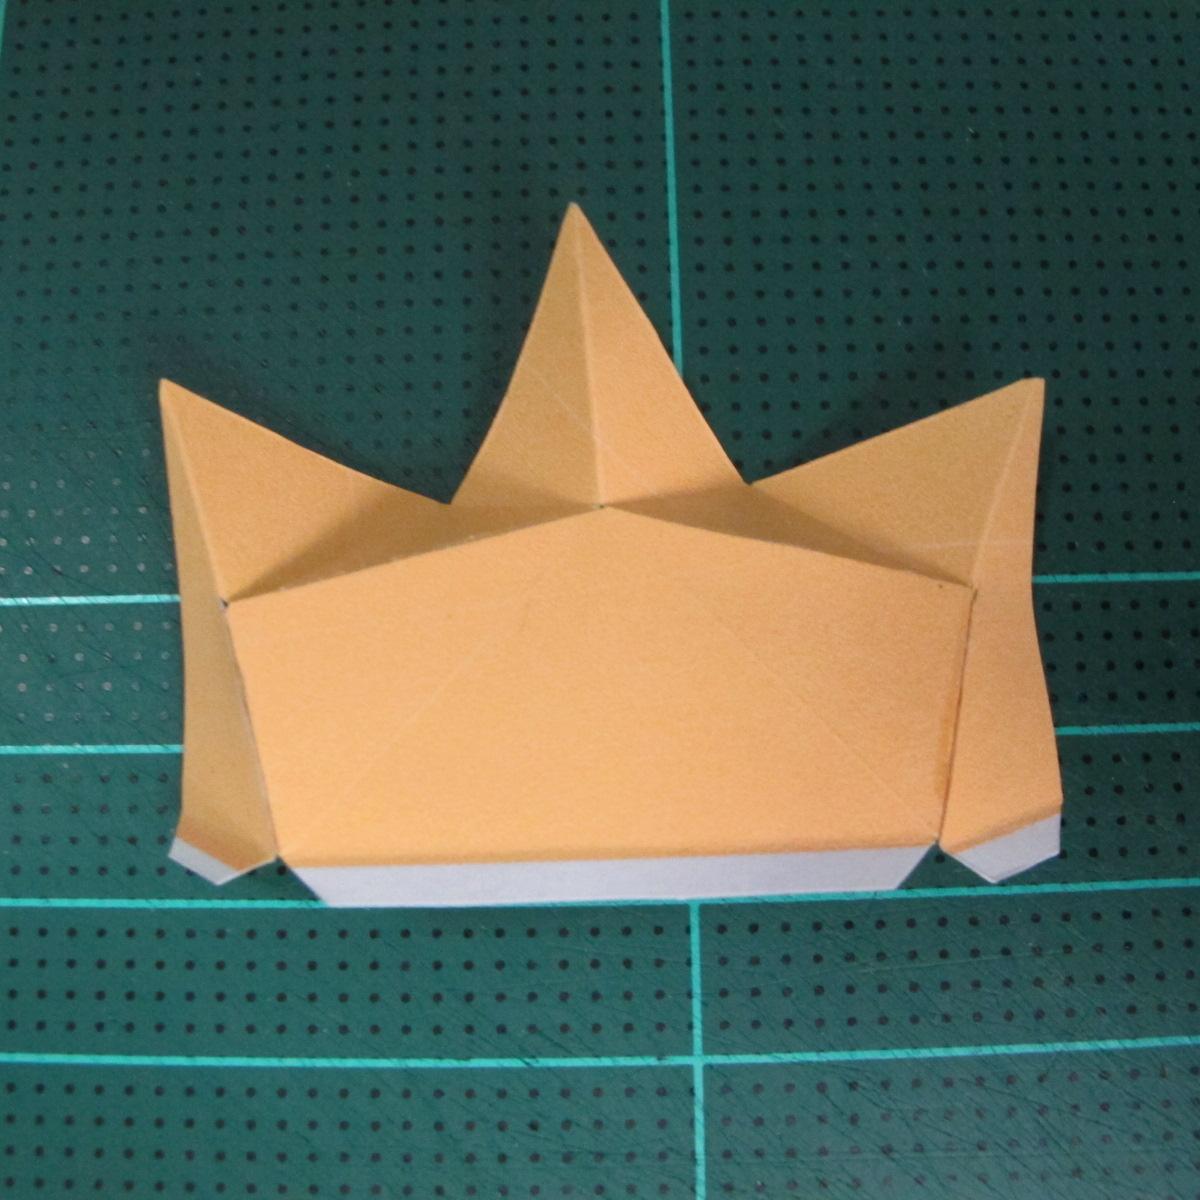 วิธีทำโมเดลกระดาษตุ้กตาสัตว์เลี้ยง หยดทองจากเกมส์ คุกกี้รัน (LINE Cookie Run Gold Drop Papercraft Model - クッキーラン  「黄金ドロップ」 ペーパークラフト) 008